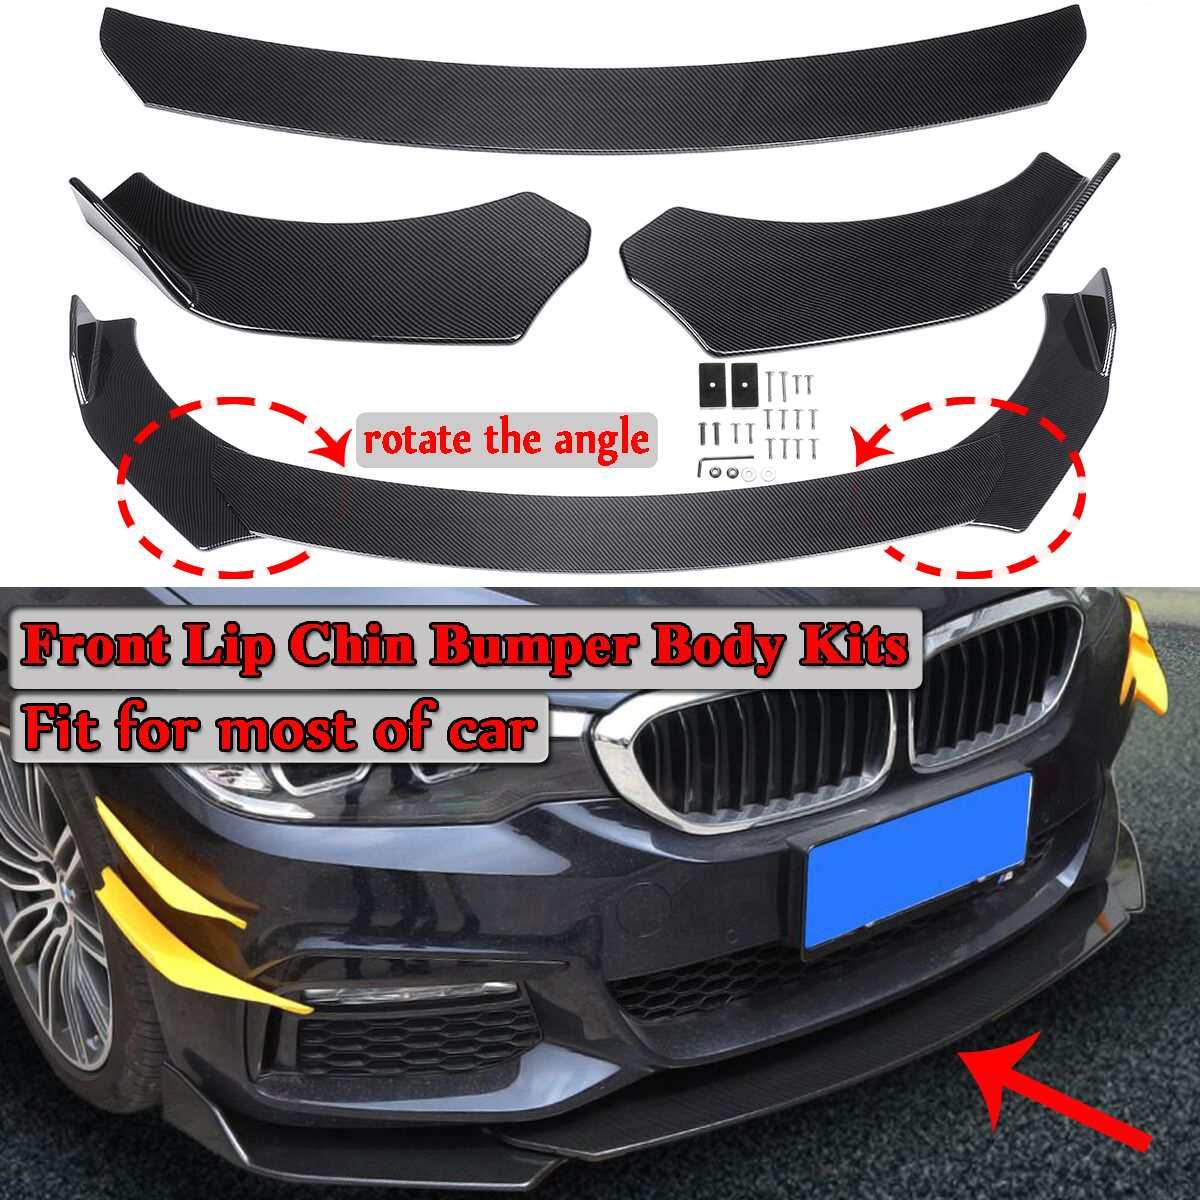 Olhar de Fibra De carbono/Preto Universal 3 Peças Car Frente Lip Chin Body Kits para Carros Gire O Ângulo Novo Para honda Para A Ford Para Benz